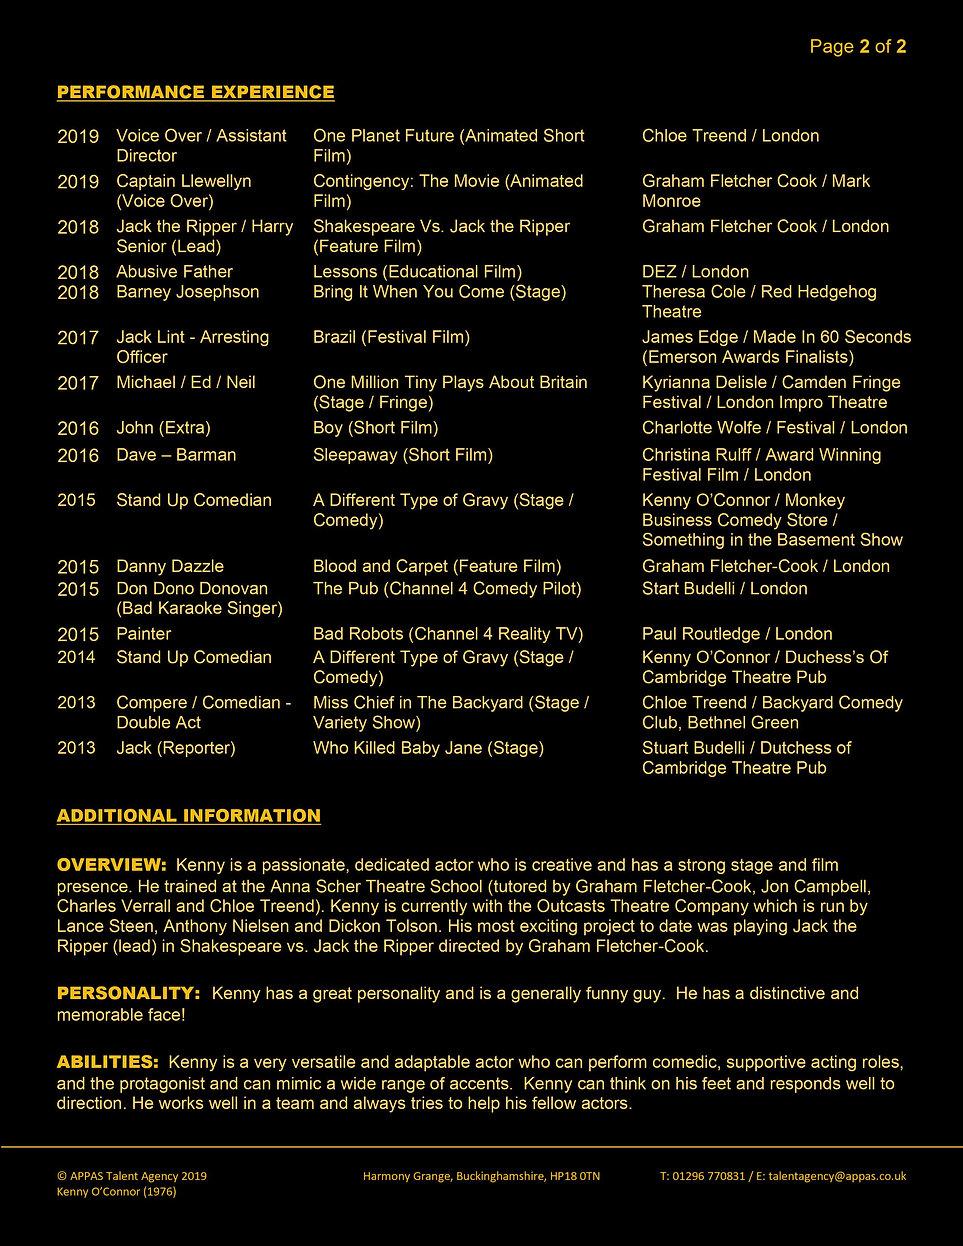 KENNY O'CONNOR WEB CV (MAR 2020) 2.jpg